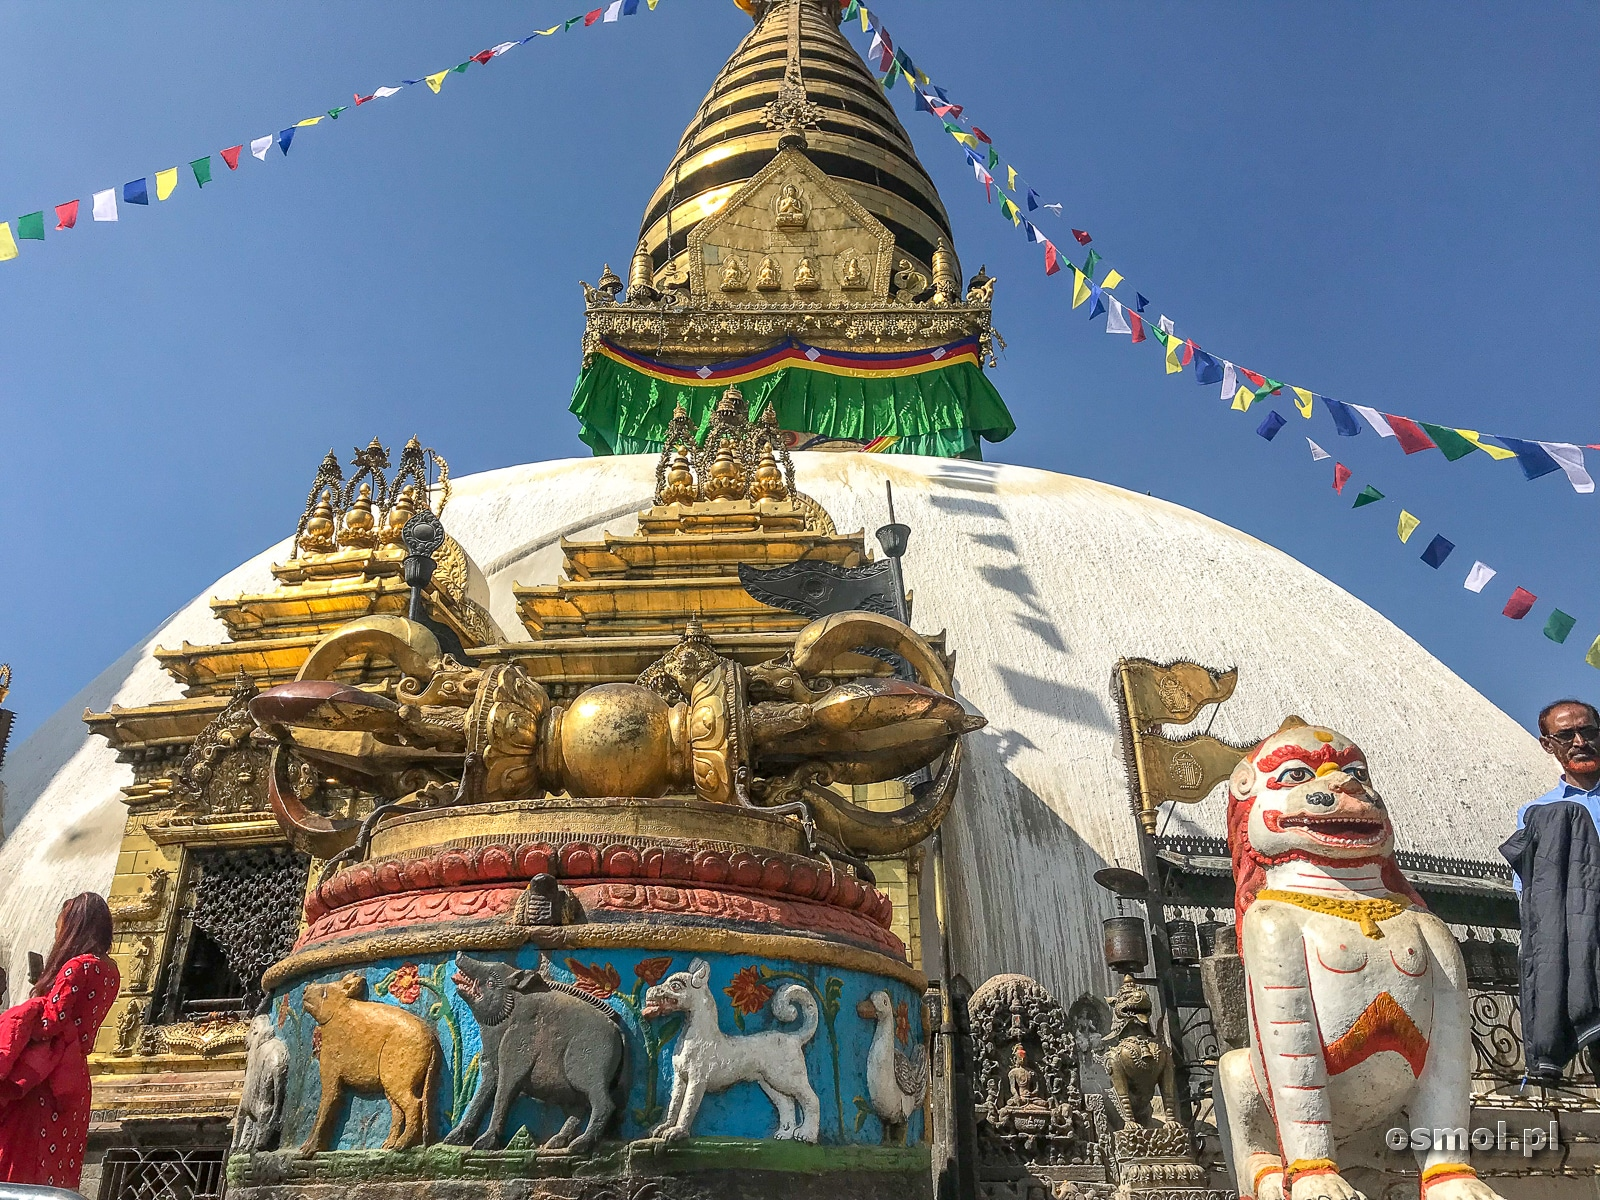 Stupa Swayambhunath w Kathmandu - mój punkt docelowy, tu chcę dotrzeć, by zobaczyć jedno z najświętszych miejsc w Nepalu.